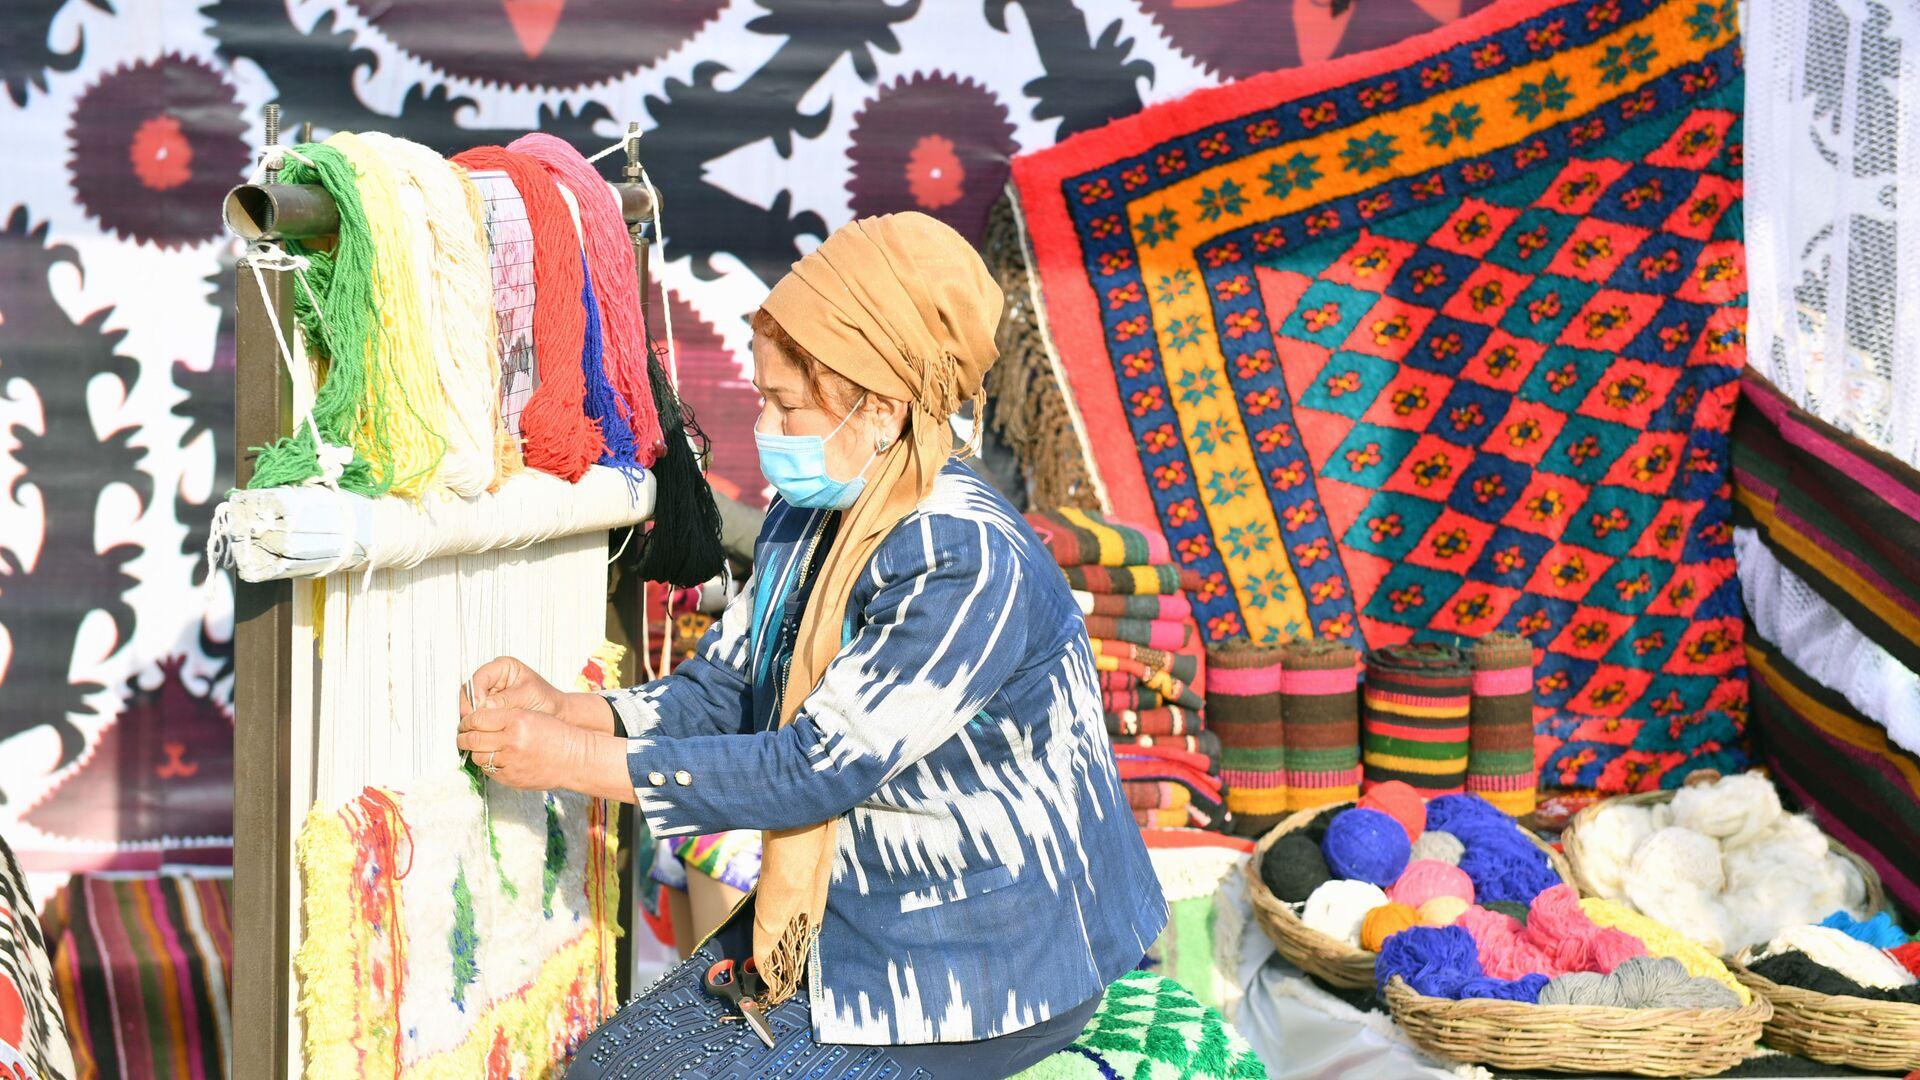 Достижения народного хозяйства на выставке в Согдийской области - Sputnik Таджикистан, 1920, 21.09.2021